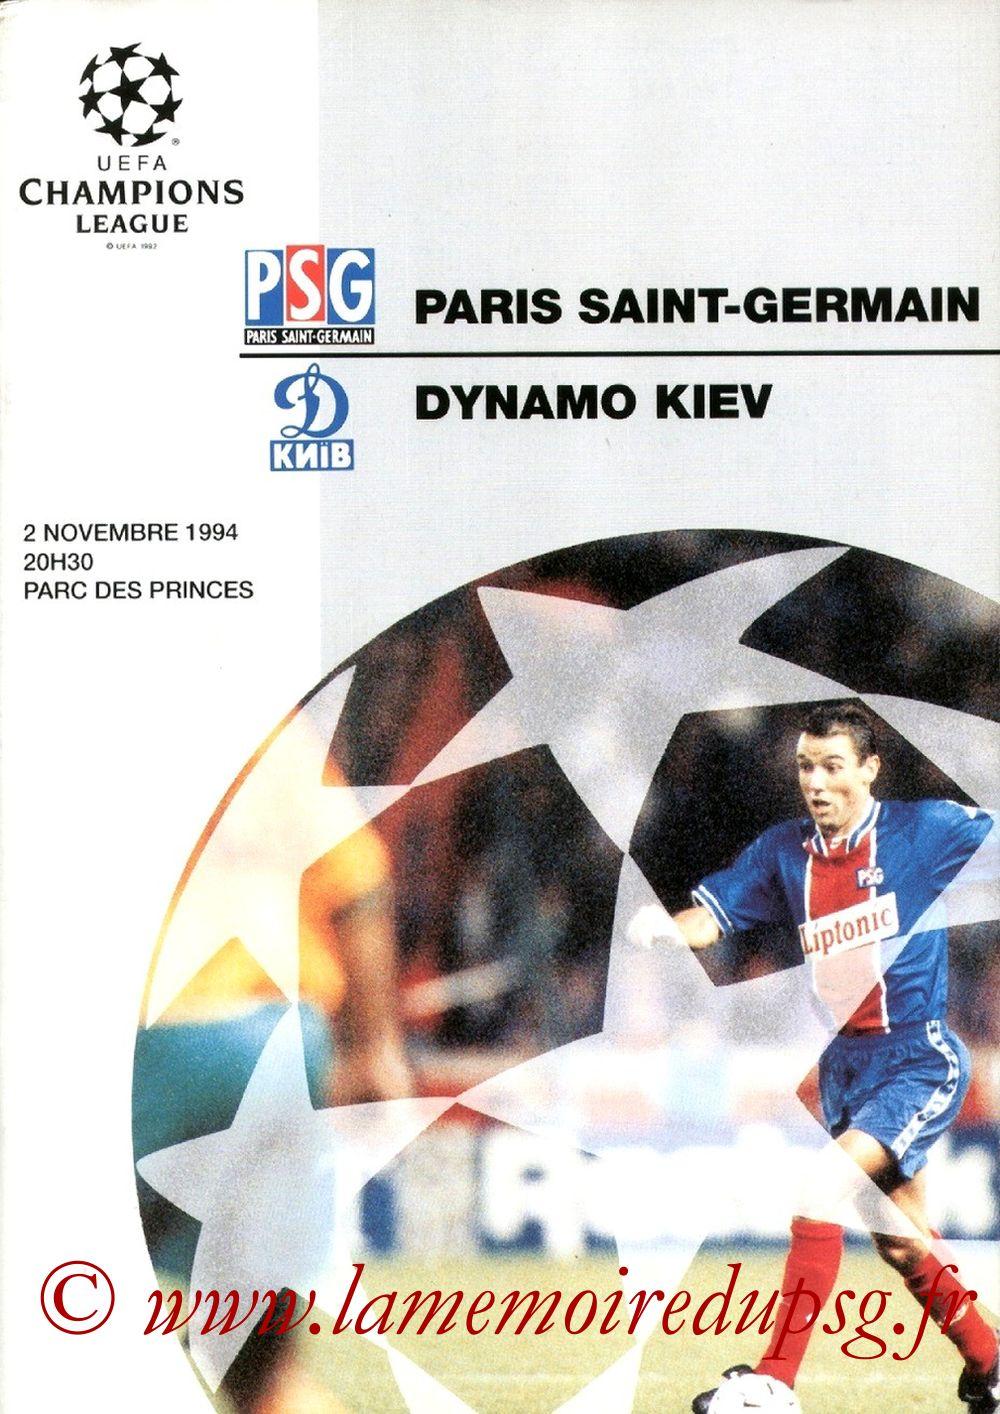 1994-11-02  PSG-Dynamo Kiev (4ème Poule C1, Officiel UEFA)